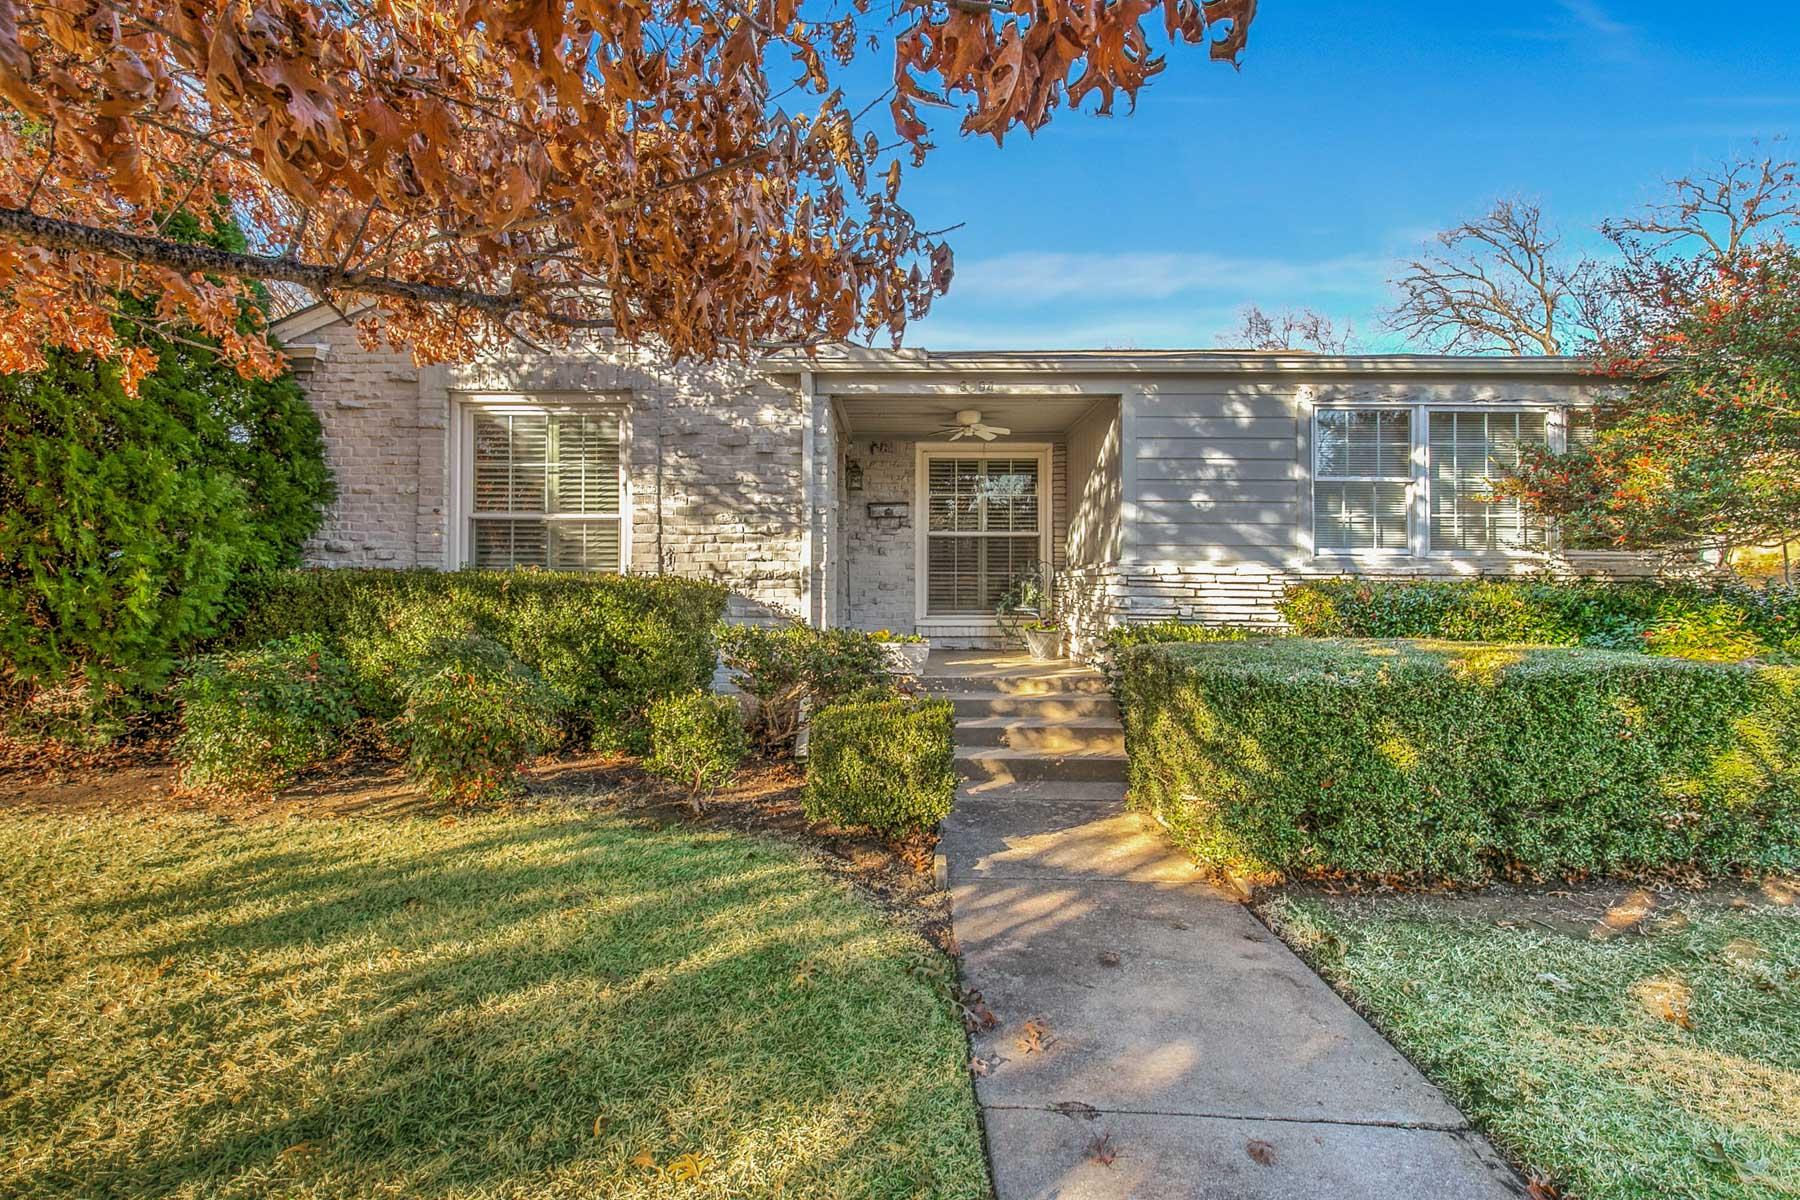 独户住宅 为 销售 在 3604 HIlltop Road 沃斯堡市, 得克萨斯州, 76109 美国